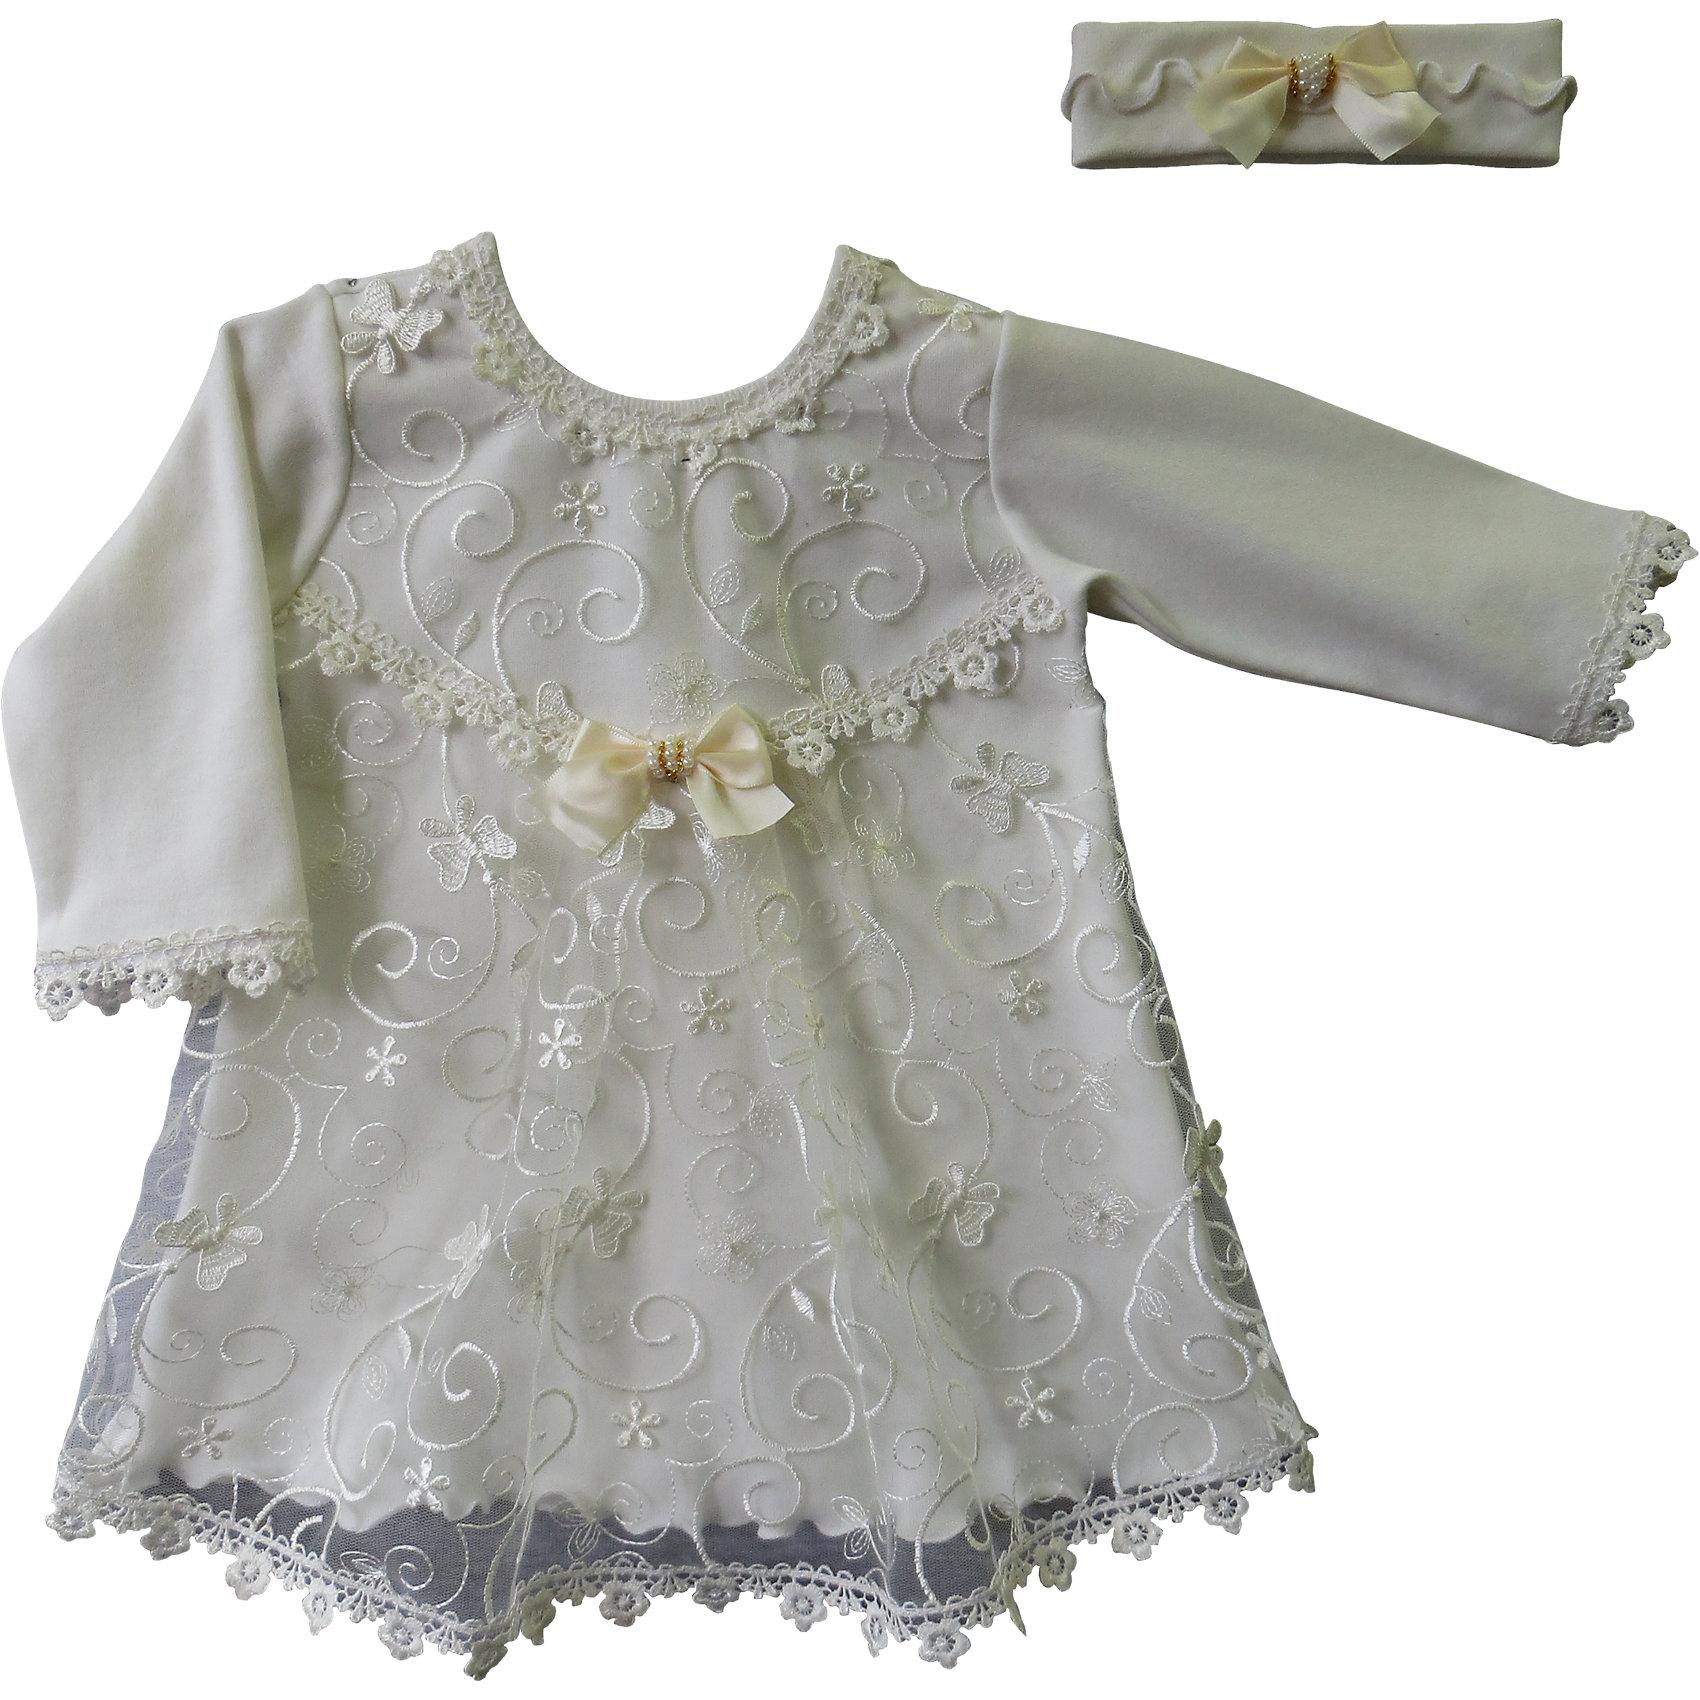 Комплект: платье и позязка на голову  для девочки Soni kidsКомплект: платье и позязка на голову   КОМПЛЕКТЫ НА ВЫПИСКУ  для девочки Soni kids <br>Состав: 100% хлопок<br><br>Ширина мм: 157<br>Глубина мм: 13<br>Высота мм: 119<br>Вес г: 200<br>Цвет: разноцветный<br>Возраст от месяцев: 3<br>Возраст до месяцев: 6<br>Пол: Женский<br>Возраст: Детский<br>Размер: 62,68<br>SKU: 4944809